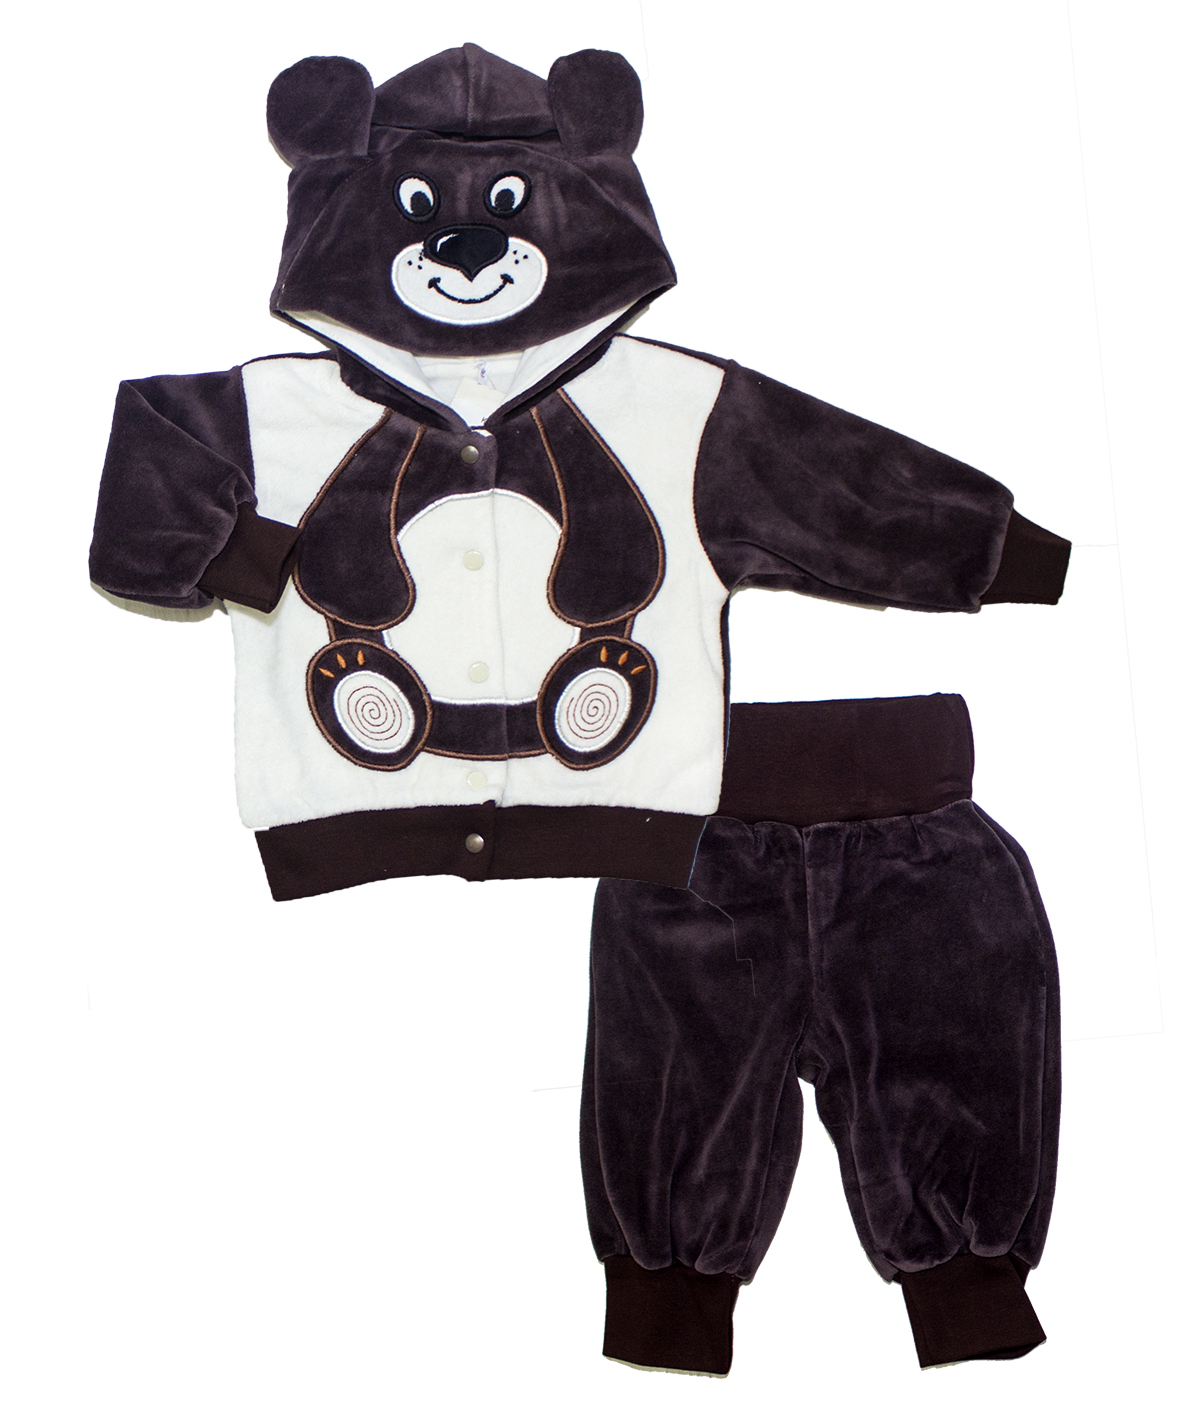 Купить Комплект одежды Осьминожка 518-274В-22/68 коричневый р.68, Детские костюмы